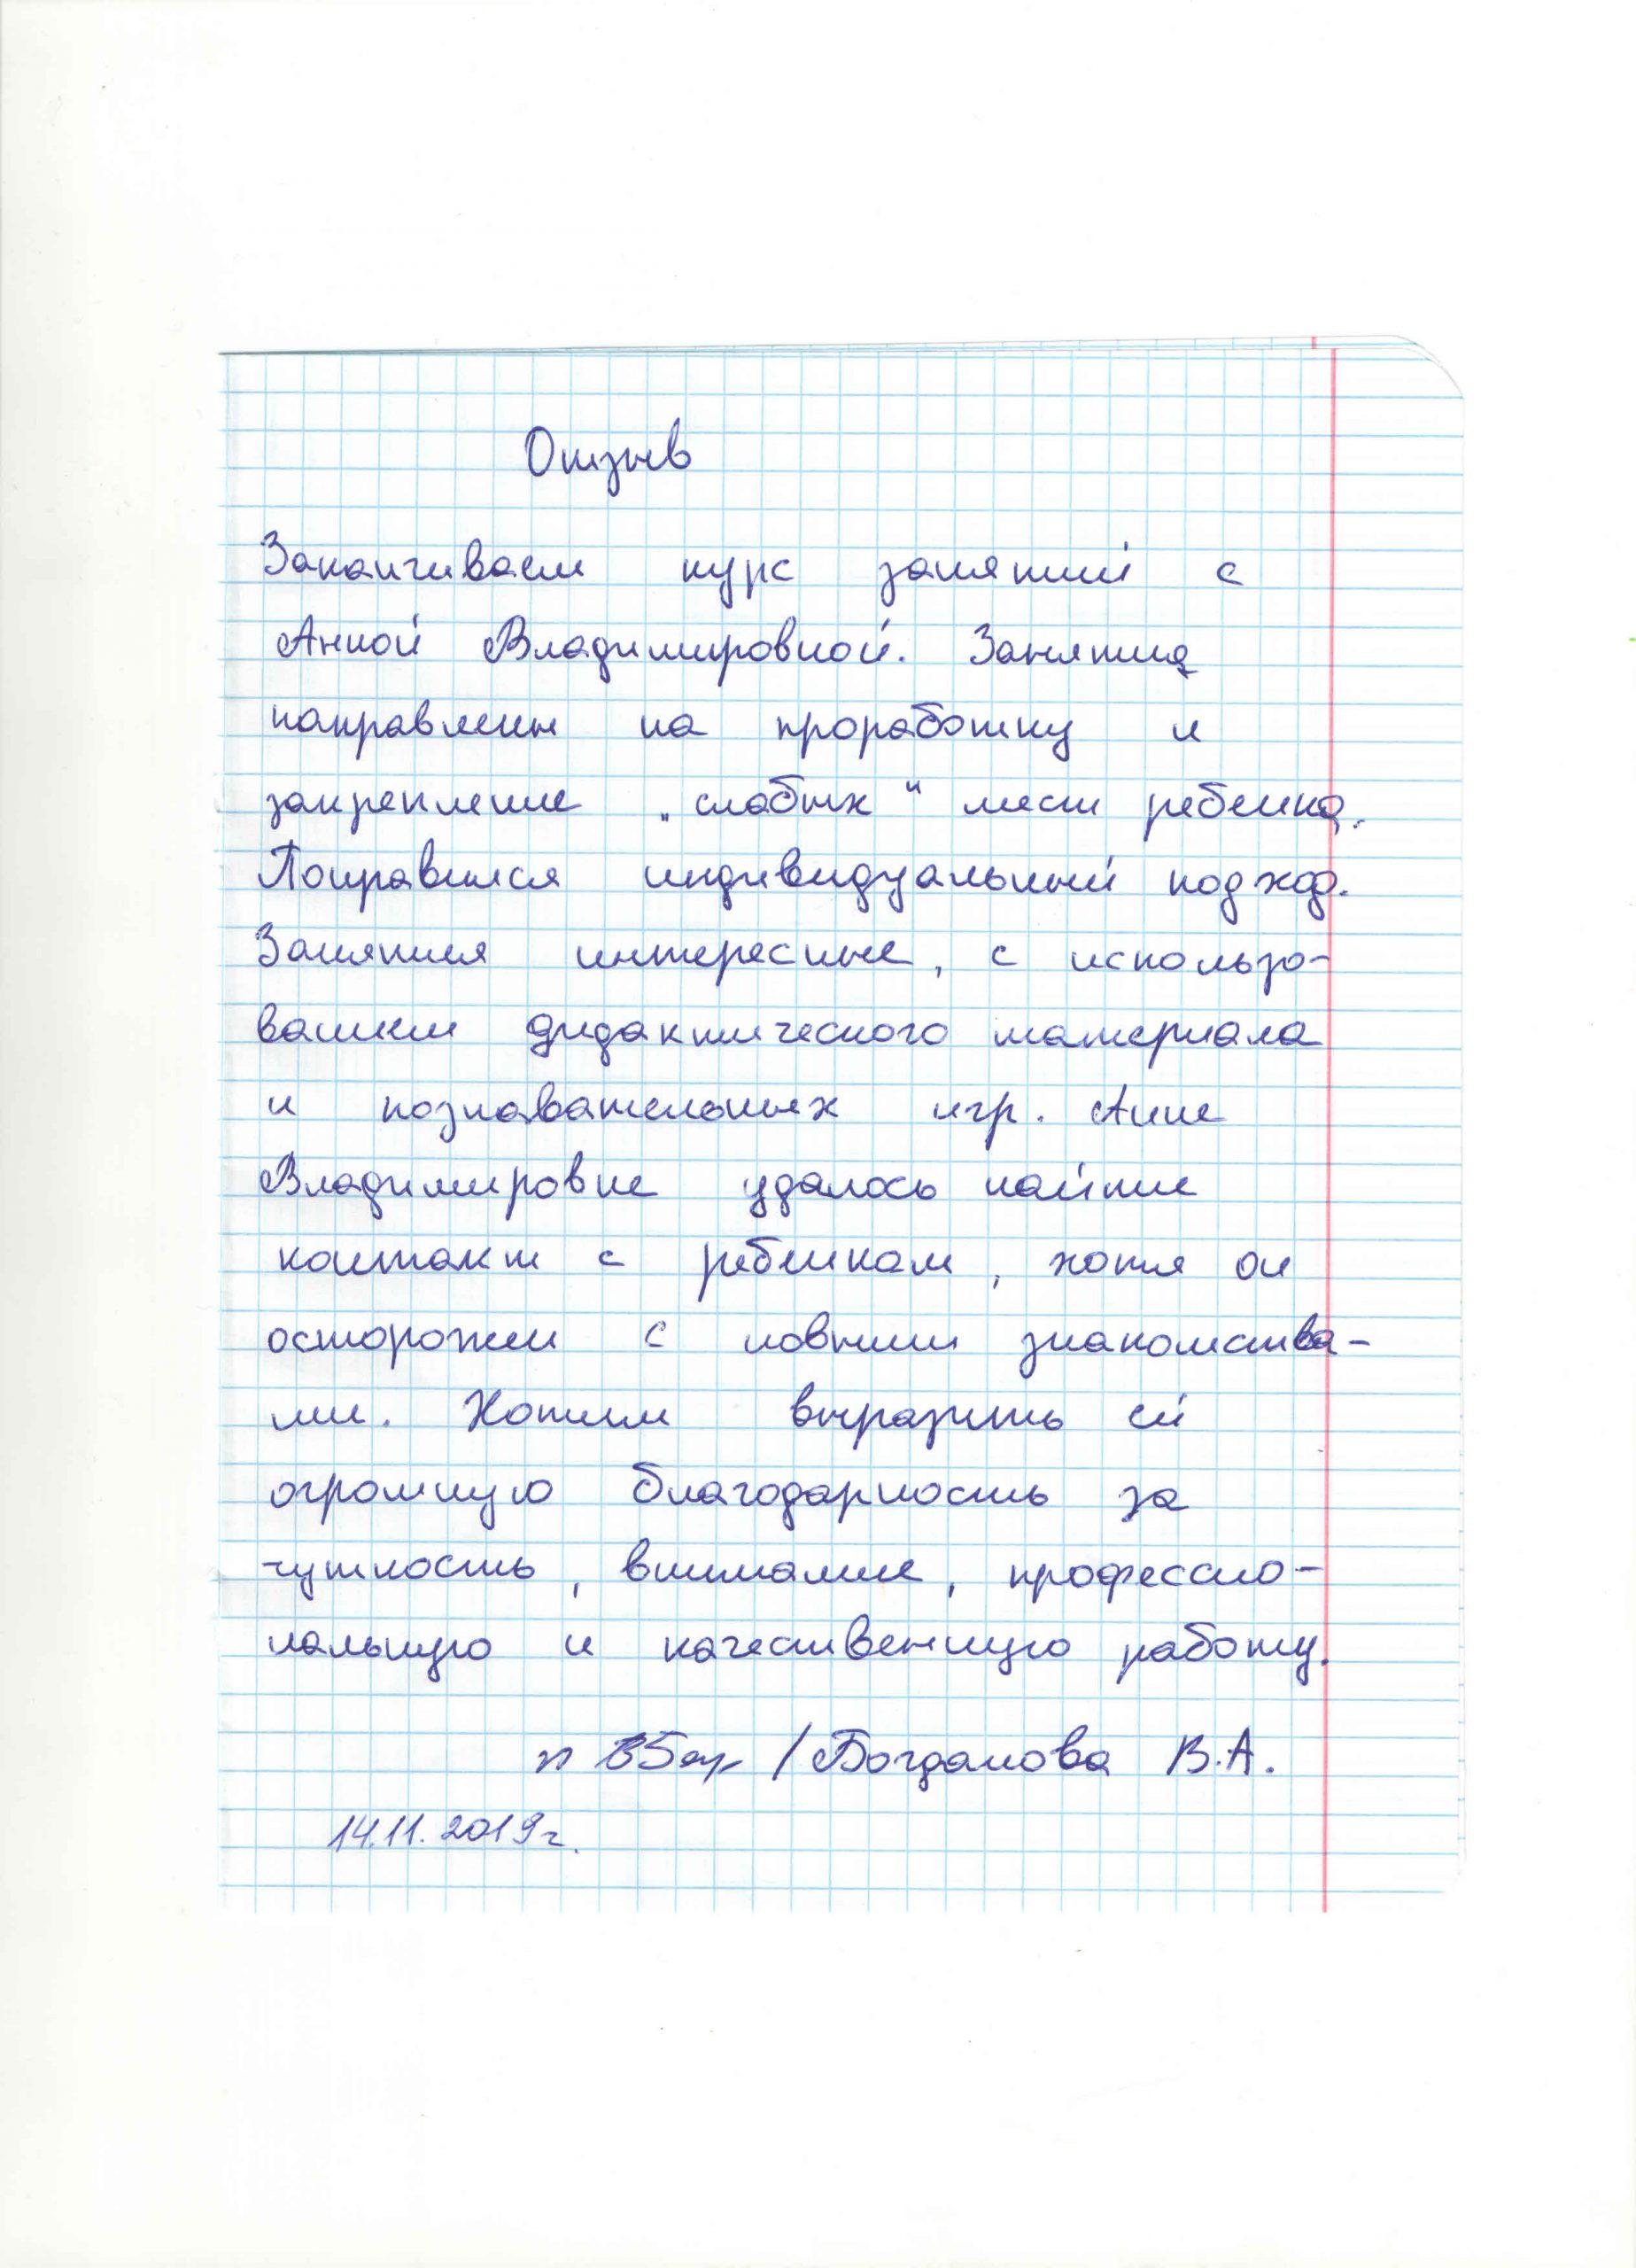 Кондрашкина, 14.11.2019